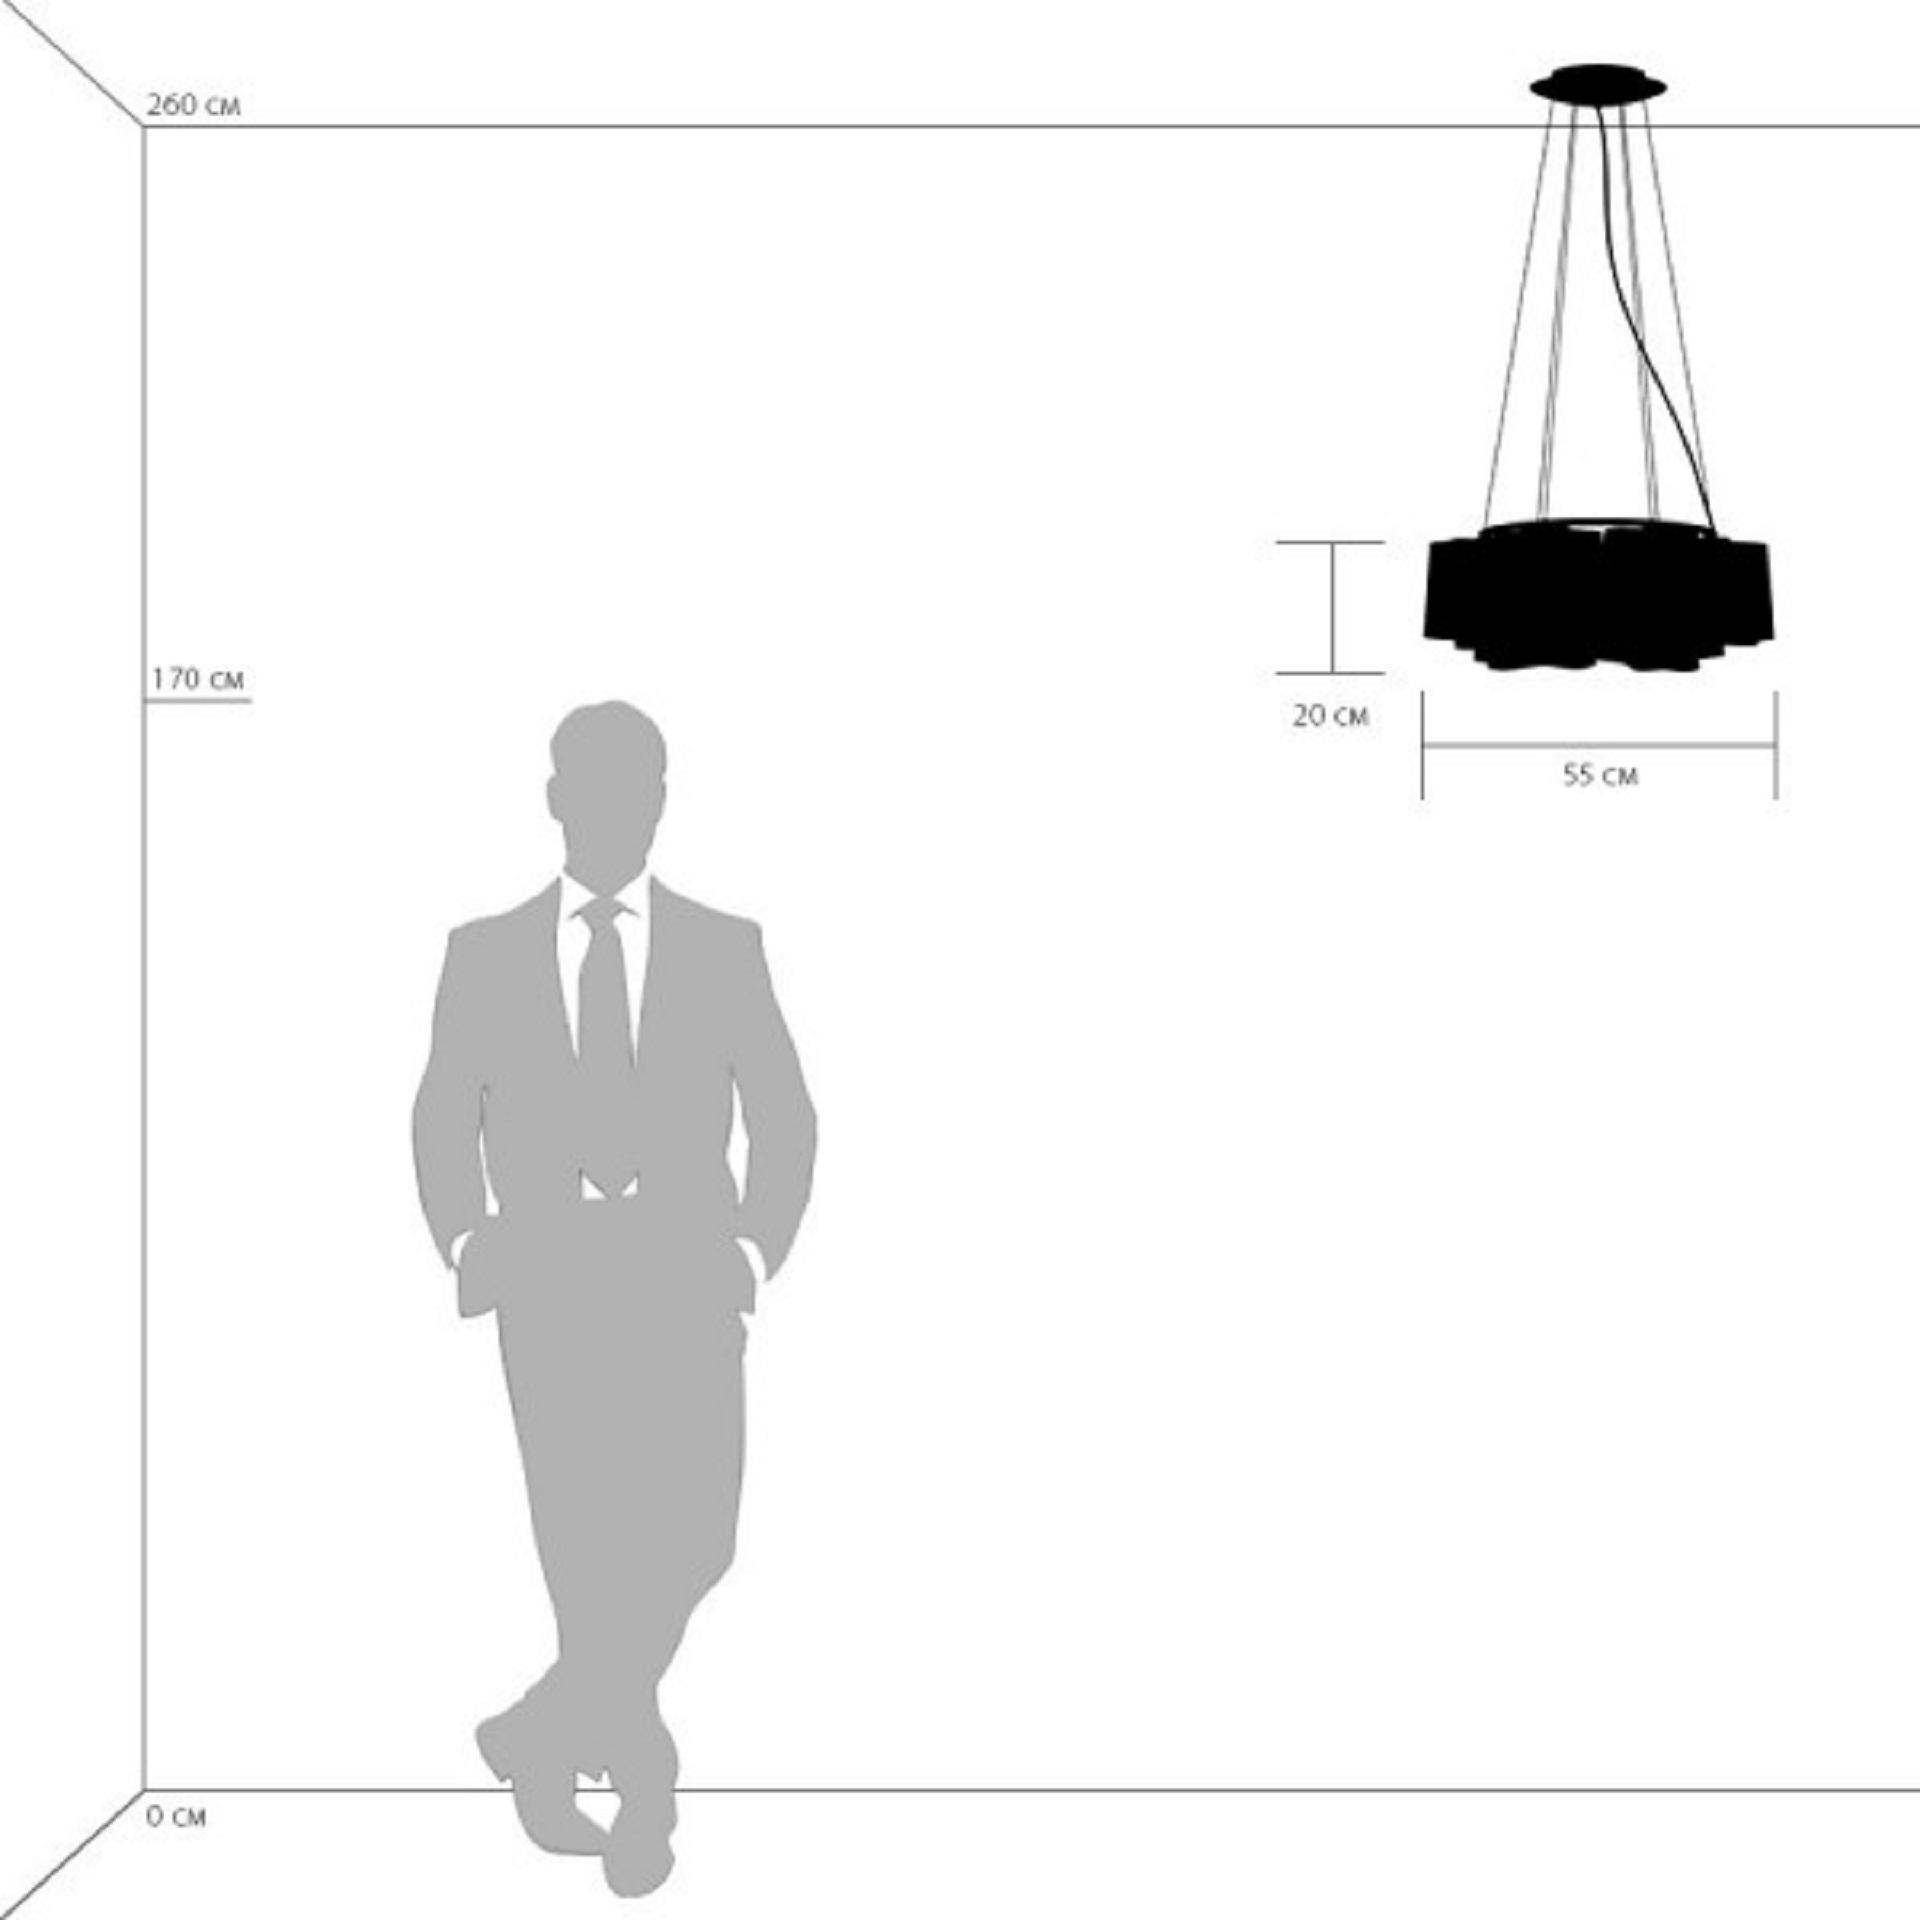 Люстра подвесная NUBI Legno 6x40W E27 светлое дерево / белый Lightstar 802165, купить в СПб, Москве, с доставкой, Санкт-Петербург, интернет-магазин люстр и светильников Starlight, фото в жизни